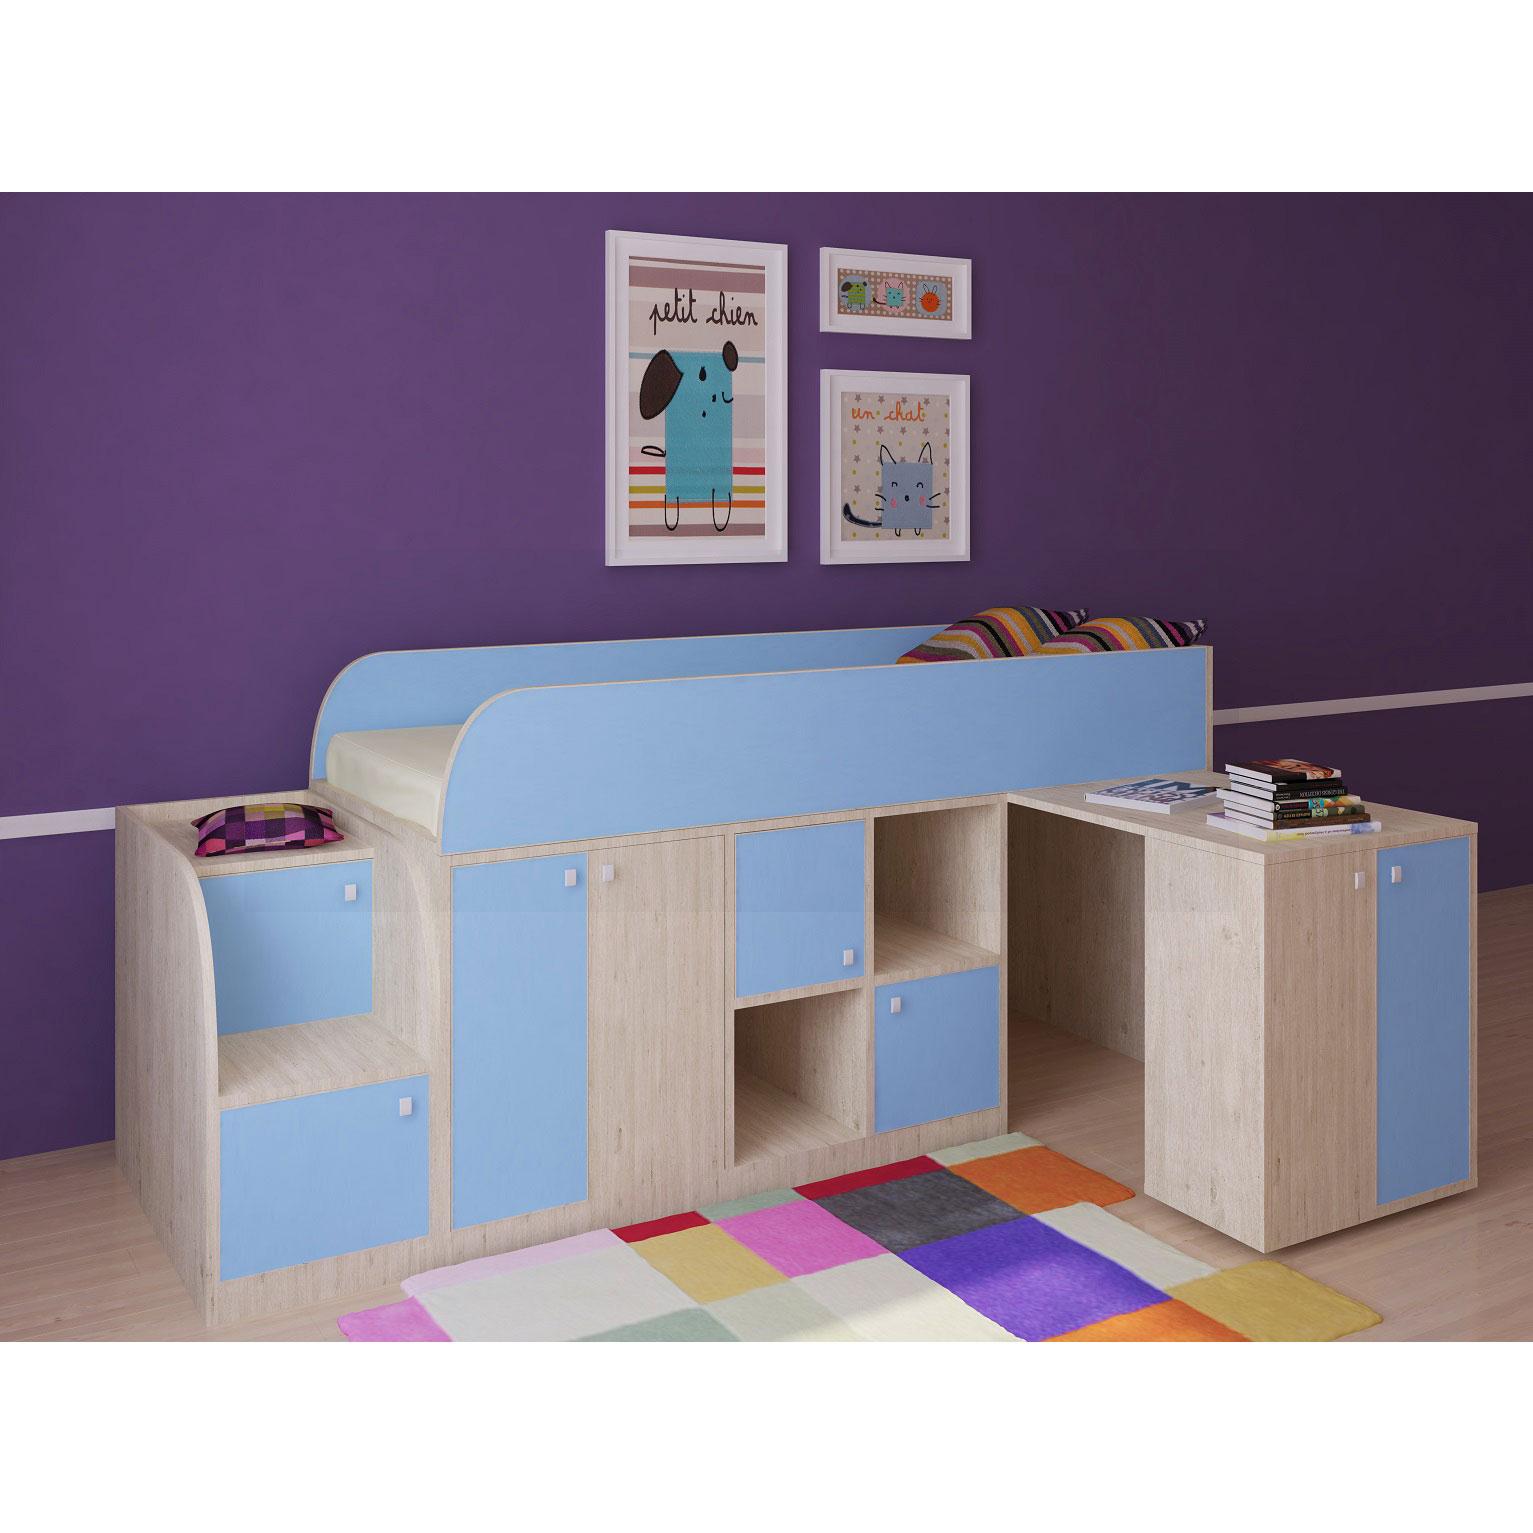 Набор мебели РВ-Мебель Астра мини Дуб молочный/Голубой